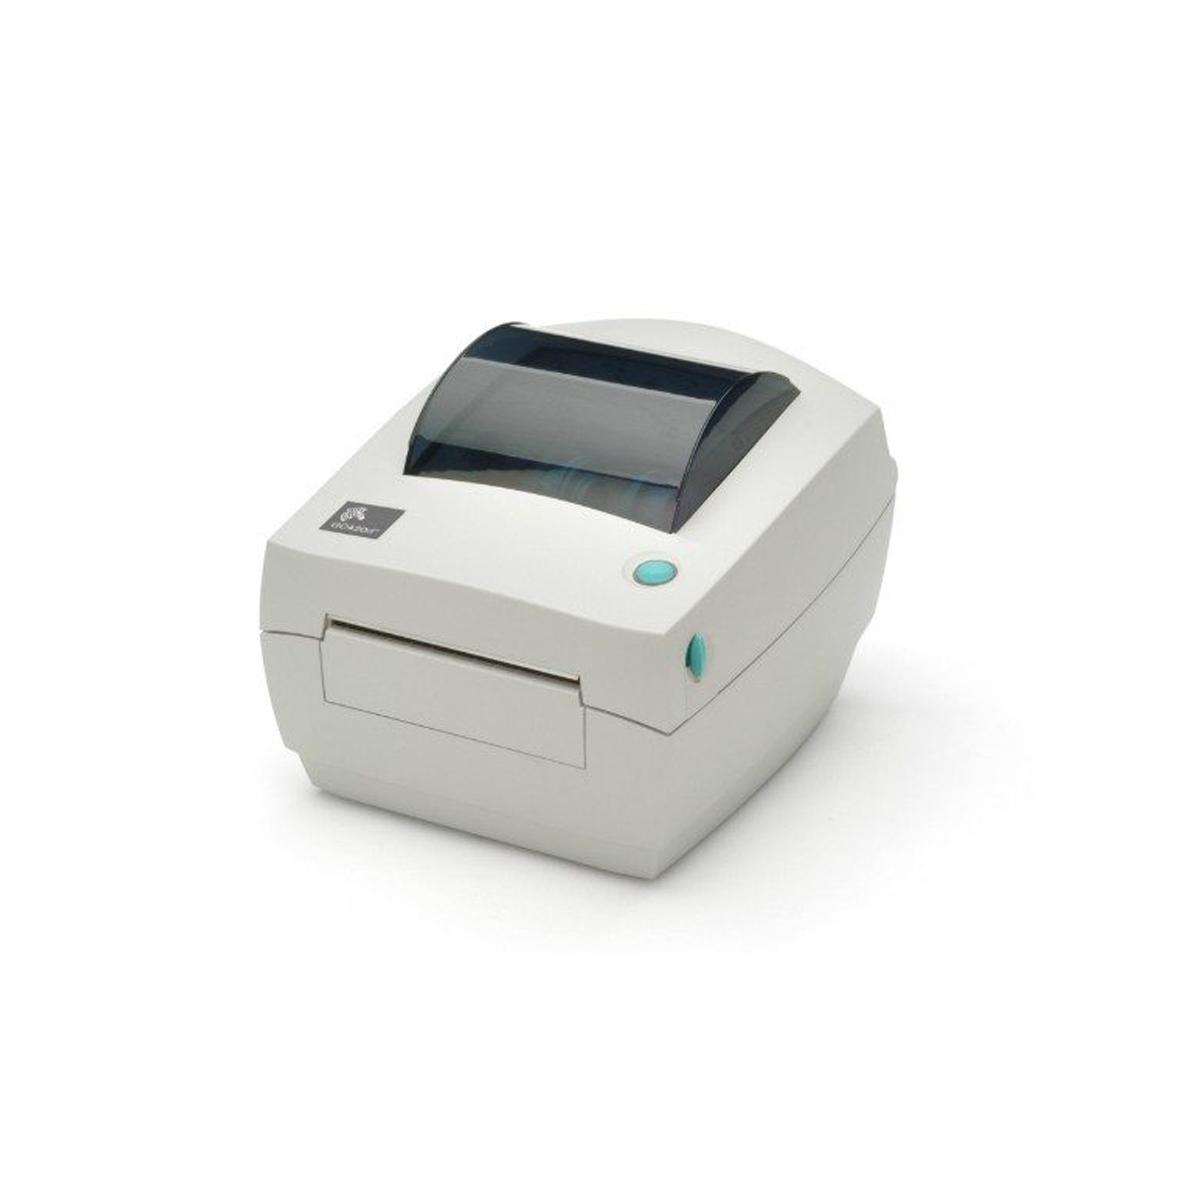 Impressora De Etiquetas Zebra Gc420t+ 4rl Etiqueta, 4 Ribbon